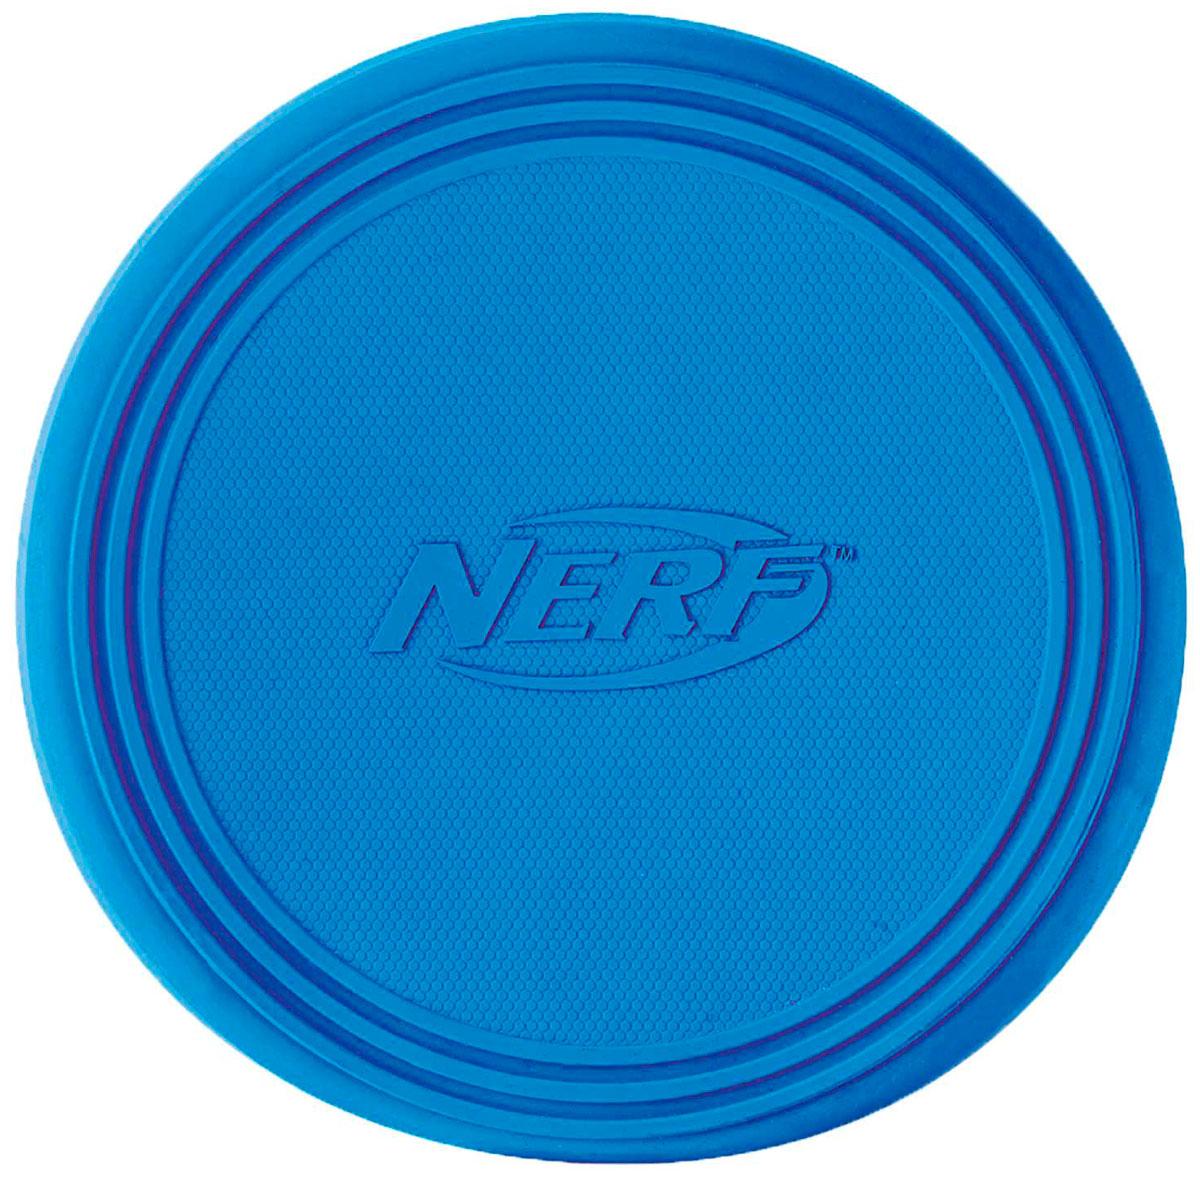 Игрушка для собак Летающая тарелка Nerf Диск для фрисби 22,5 см (1 шт) спортивный инвентарь наша игрушка летающая тарелка 20 см 635609